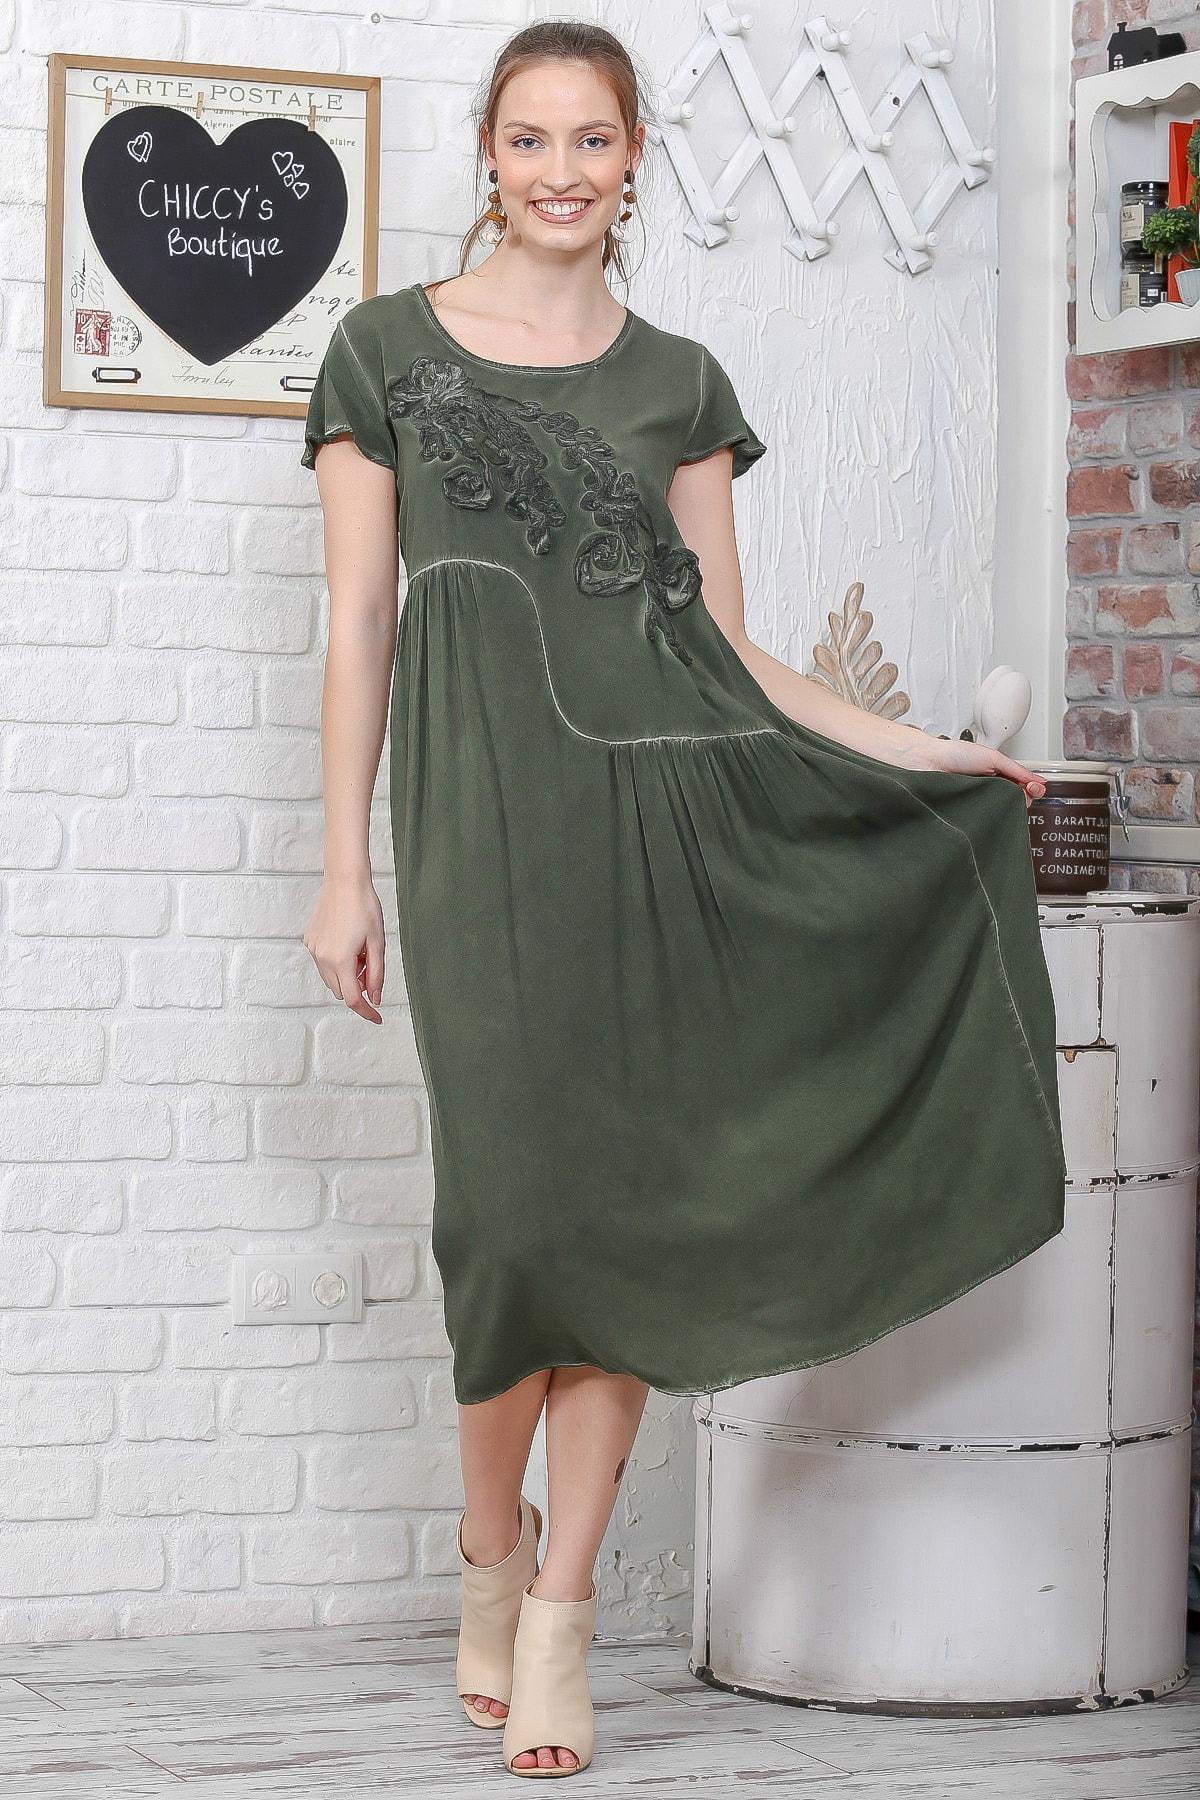 Chiccy Kadın Haki Sıfır Yaka Süzene Çiçek Aplikeli Salaş Yıkamalı Elbise M10160000EL95109 0